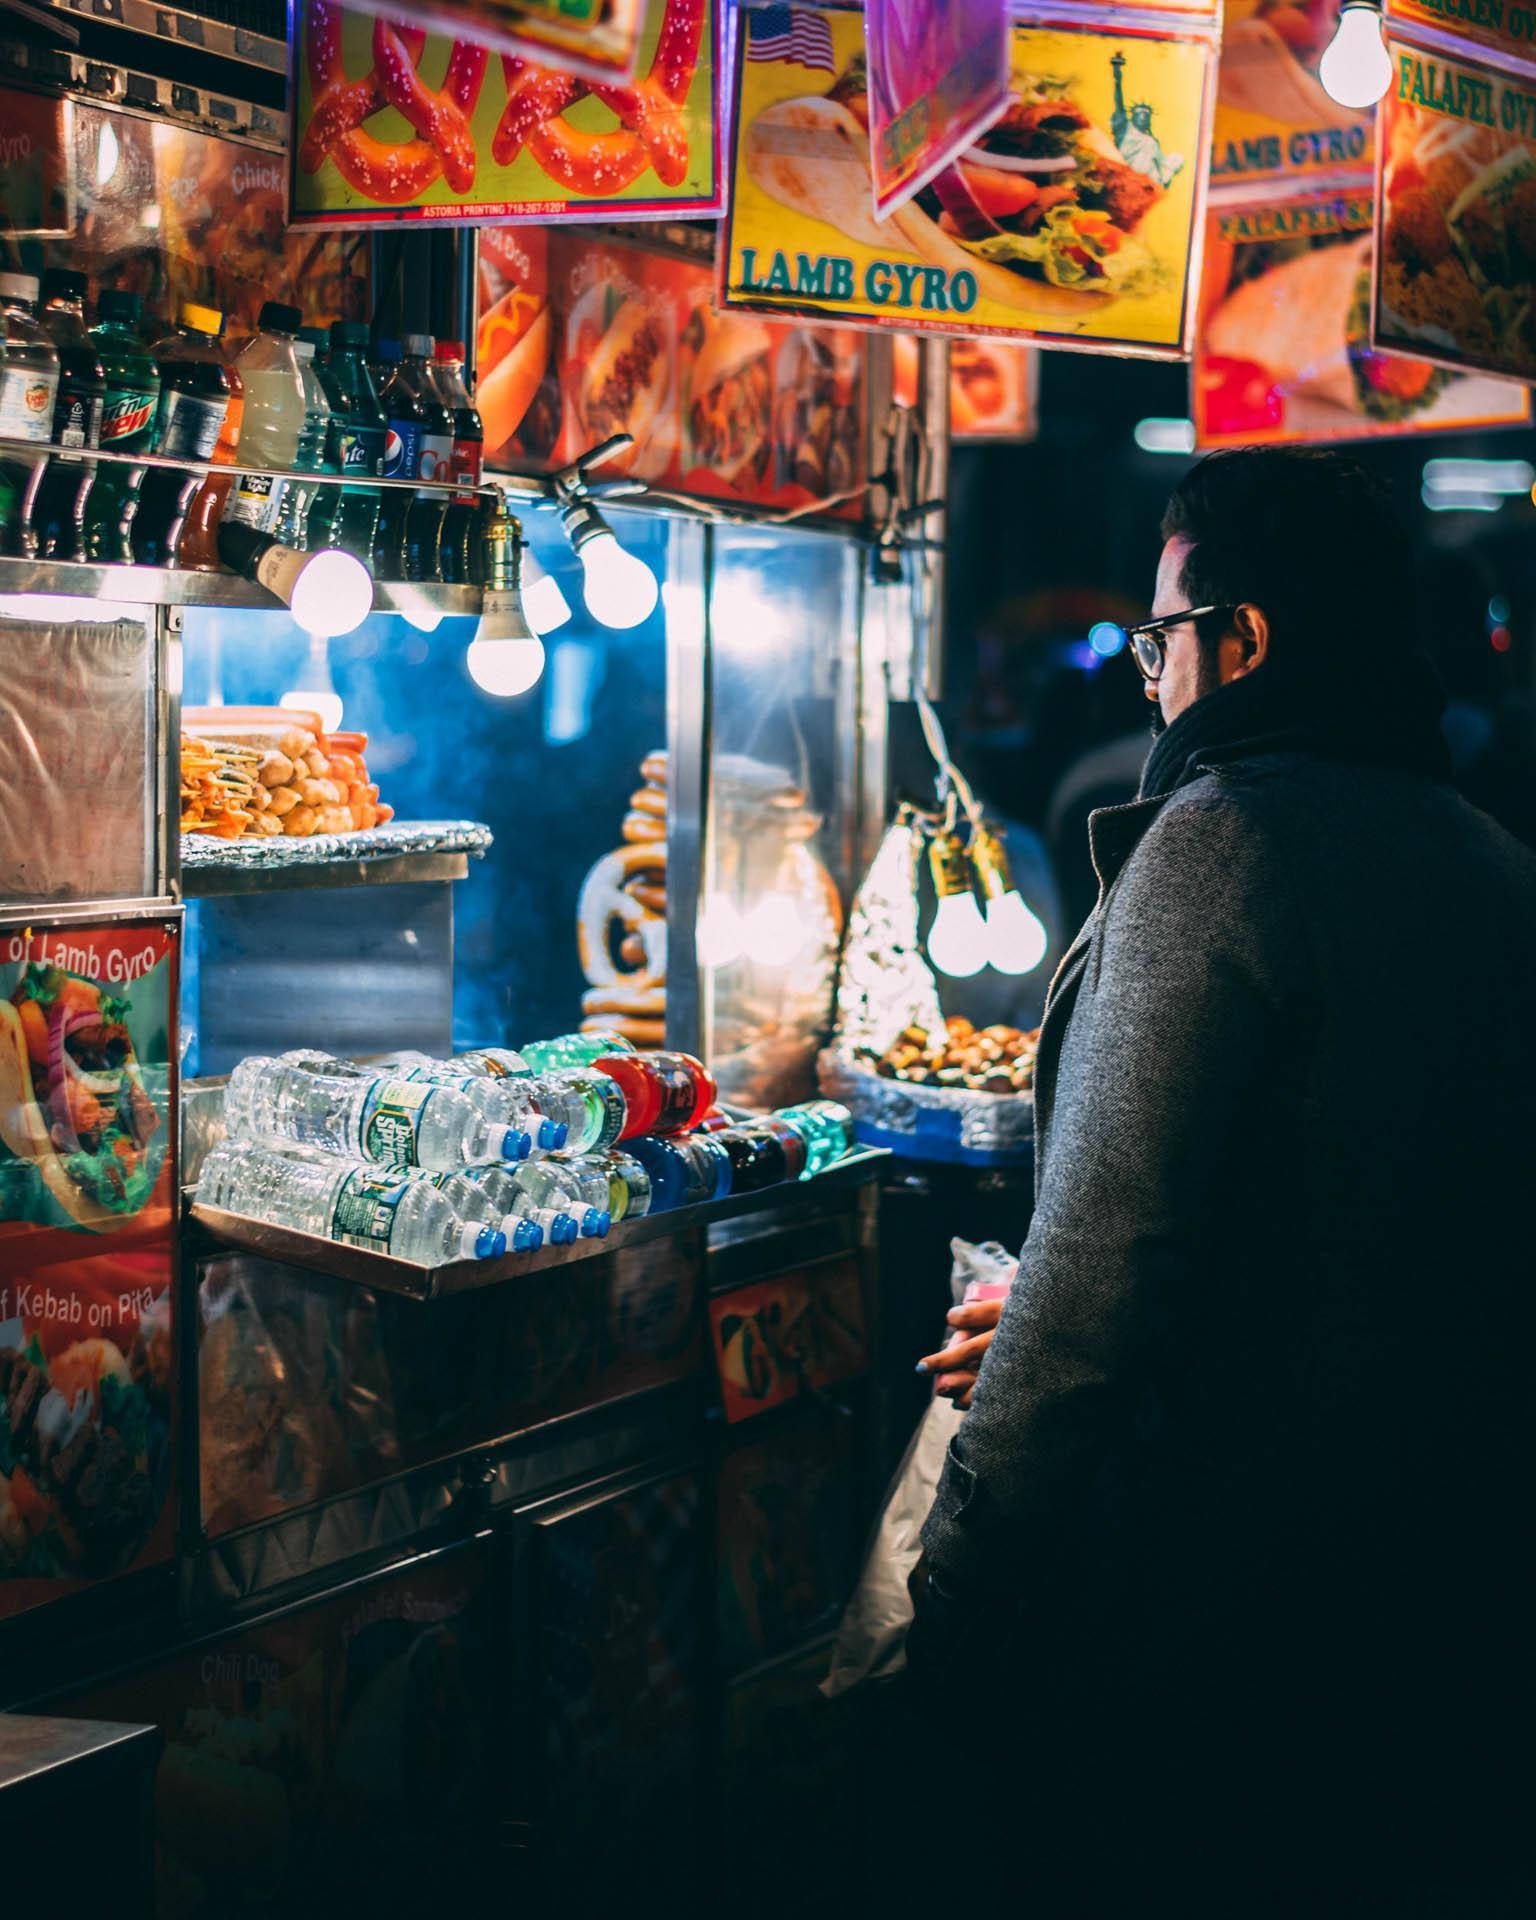 Une échoppe de rue dans la nuit new-yorkaise© Arthur Osipyan